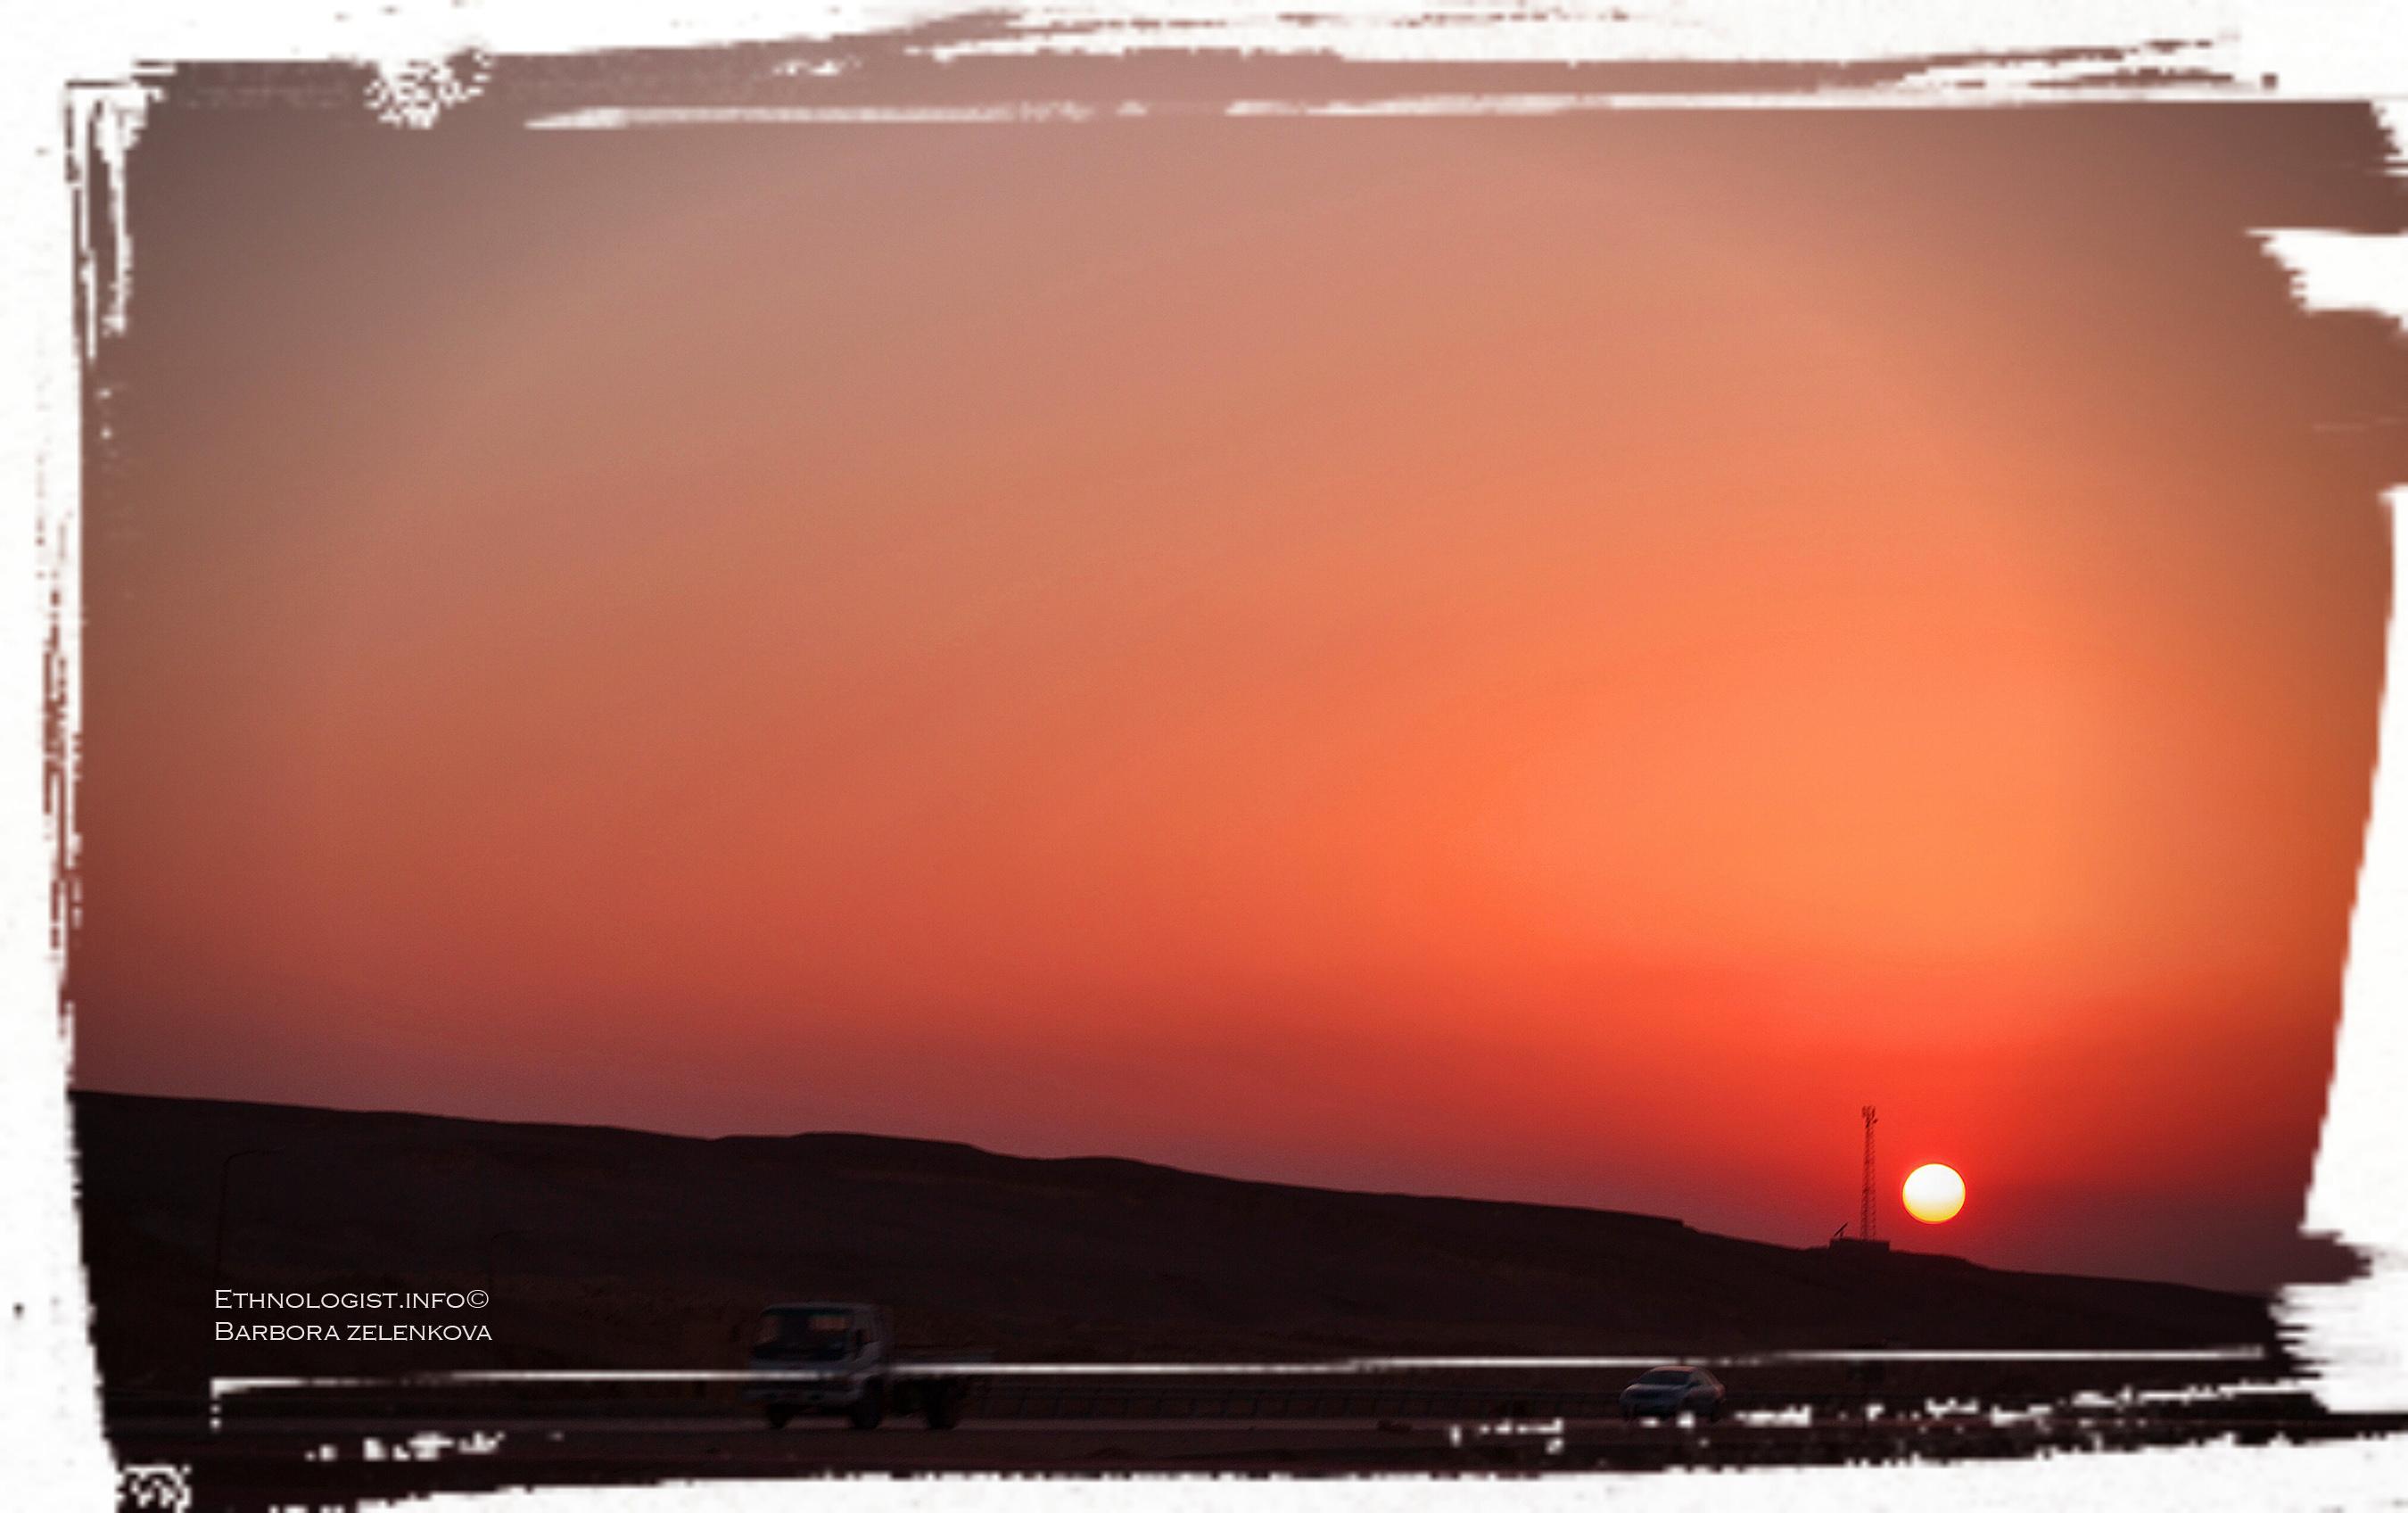 Západ Slunce v egyptské poušti cestou do Káhiry. Foto: Barbora Zelenková, Nikon D3100, 2011.